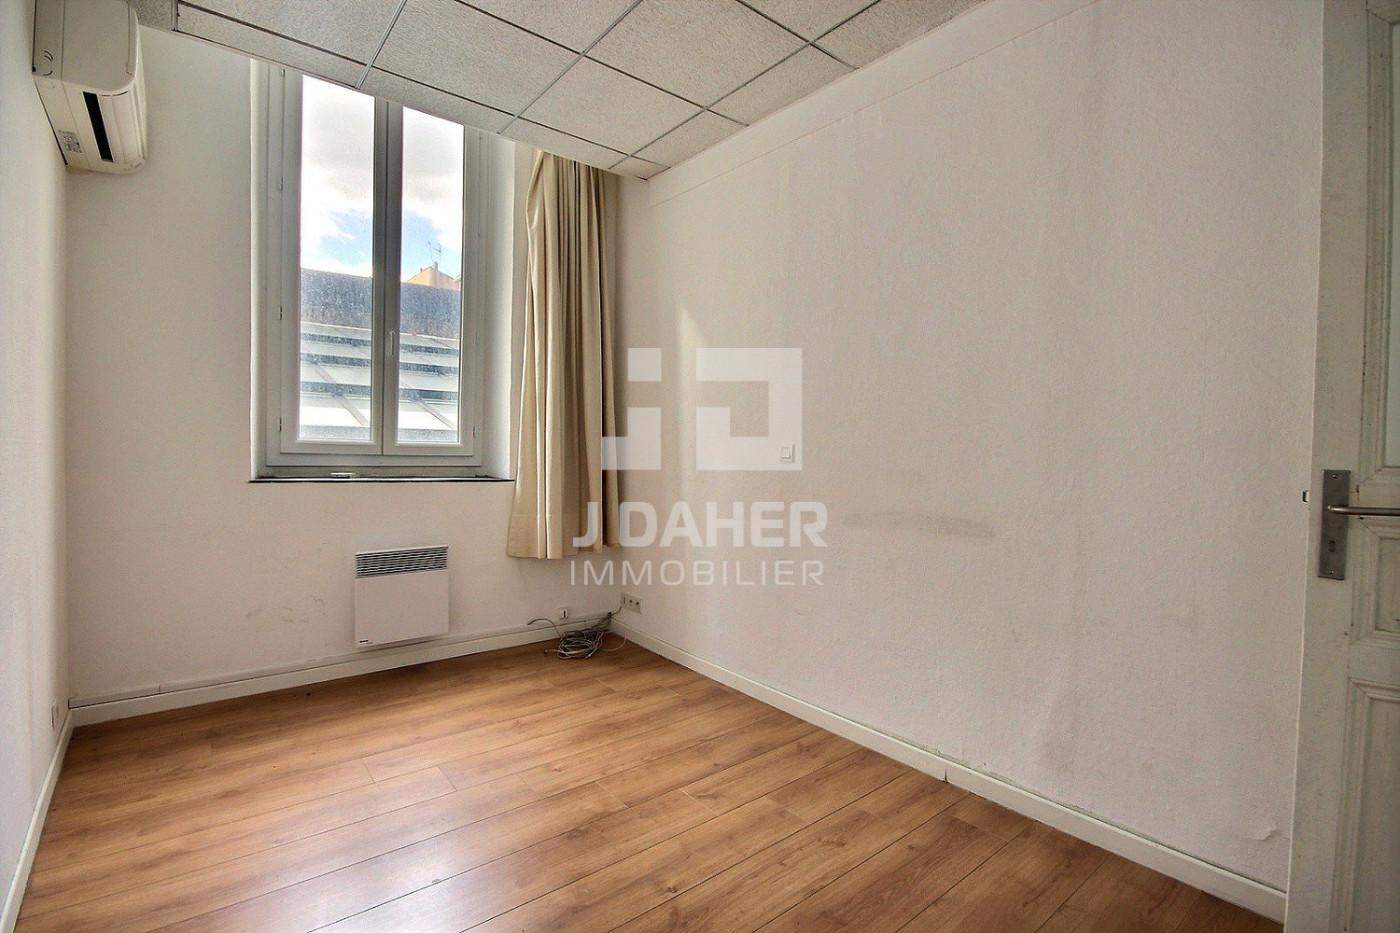 A vendre Marseille 1er Arrondissement 13025933 J daher immobilier